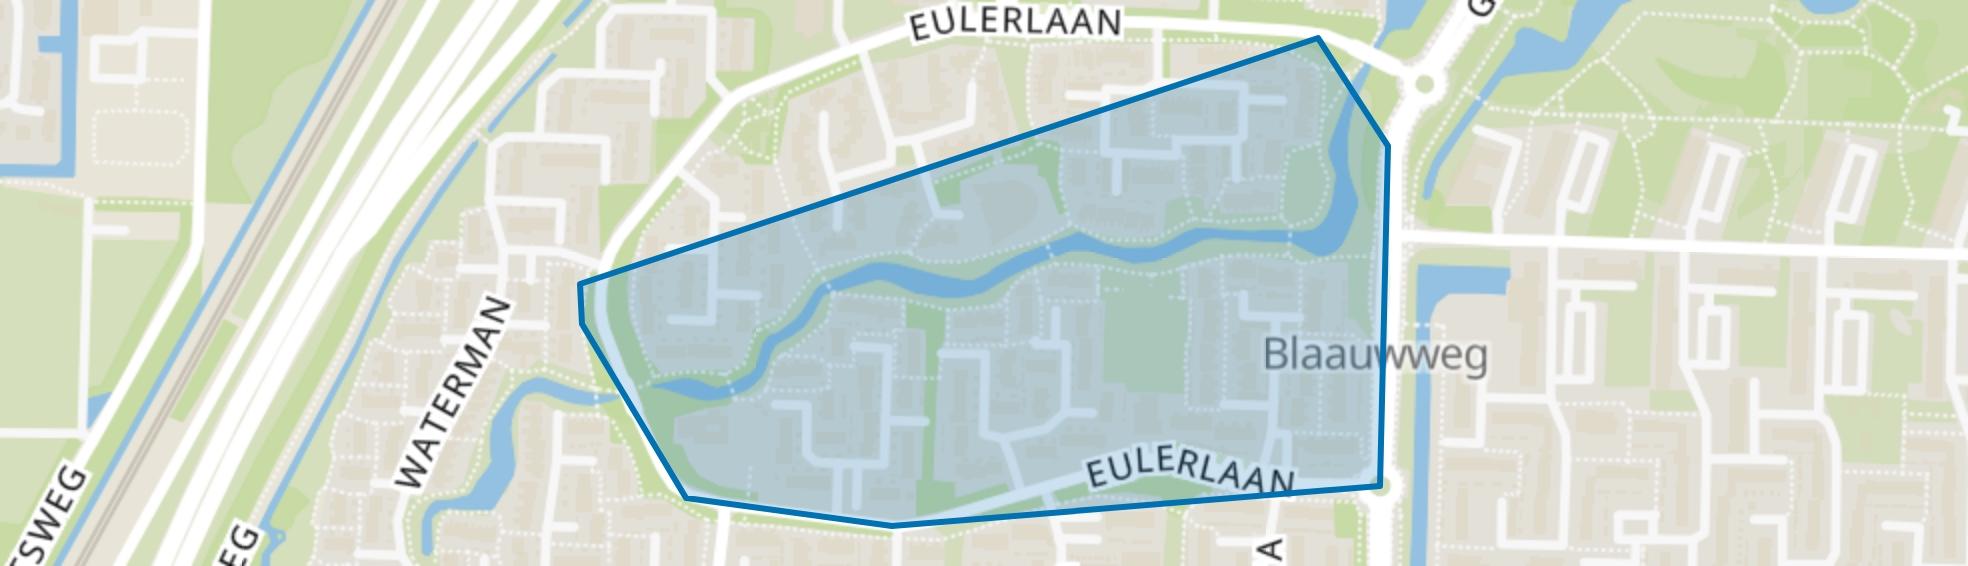 Driehoek en omgeving, Dordrecht map